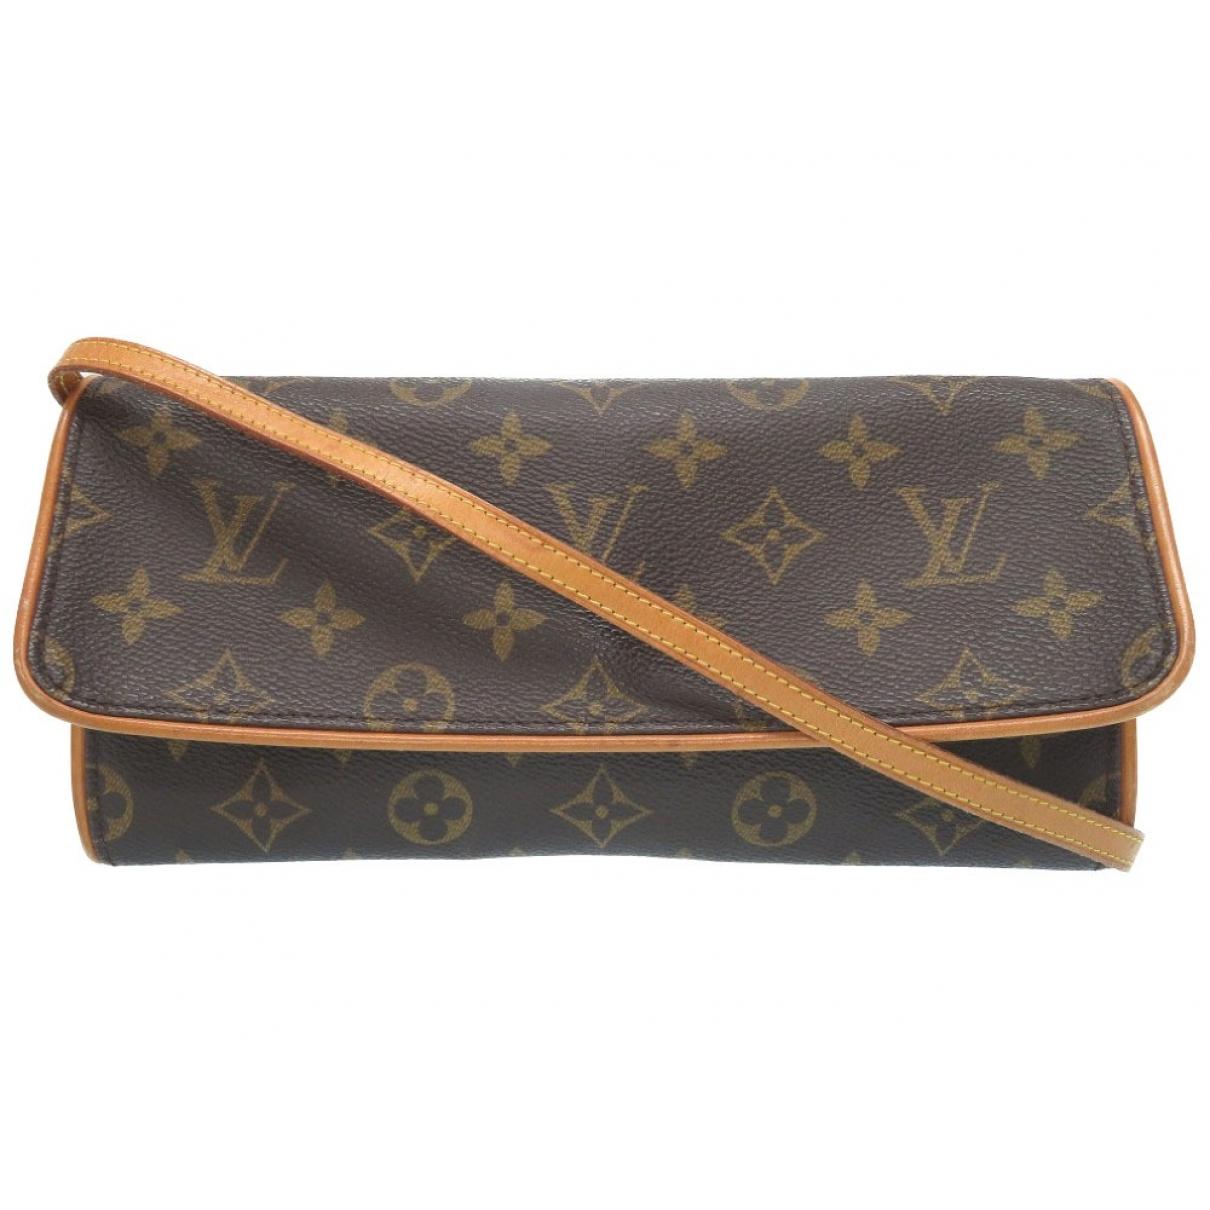 Louis Vuitton - Sac a main Twin pour femme en toile - marron